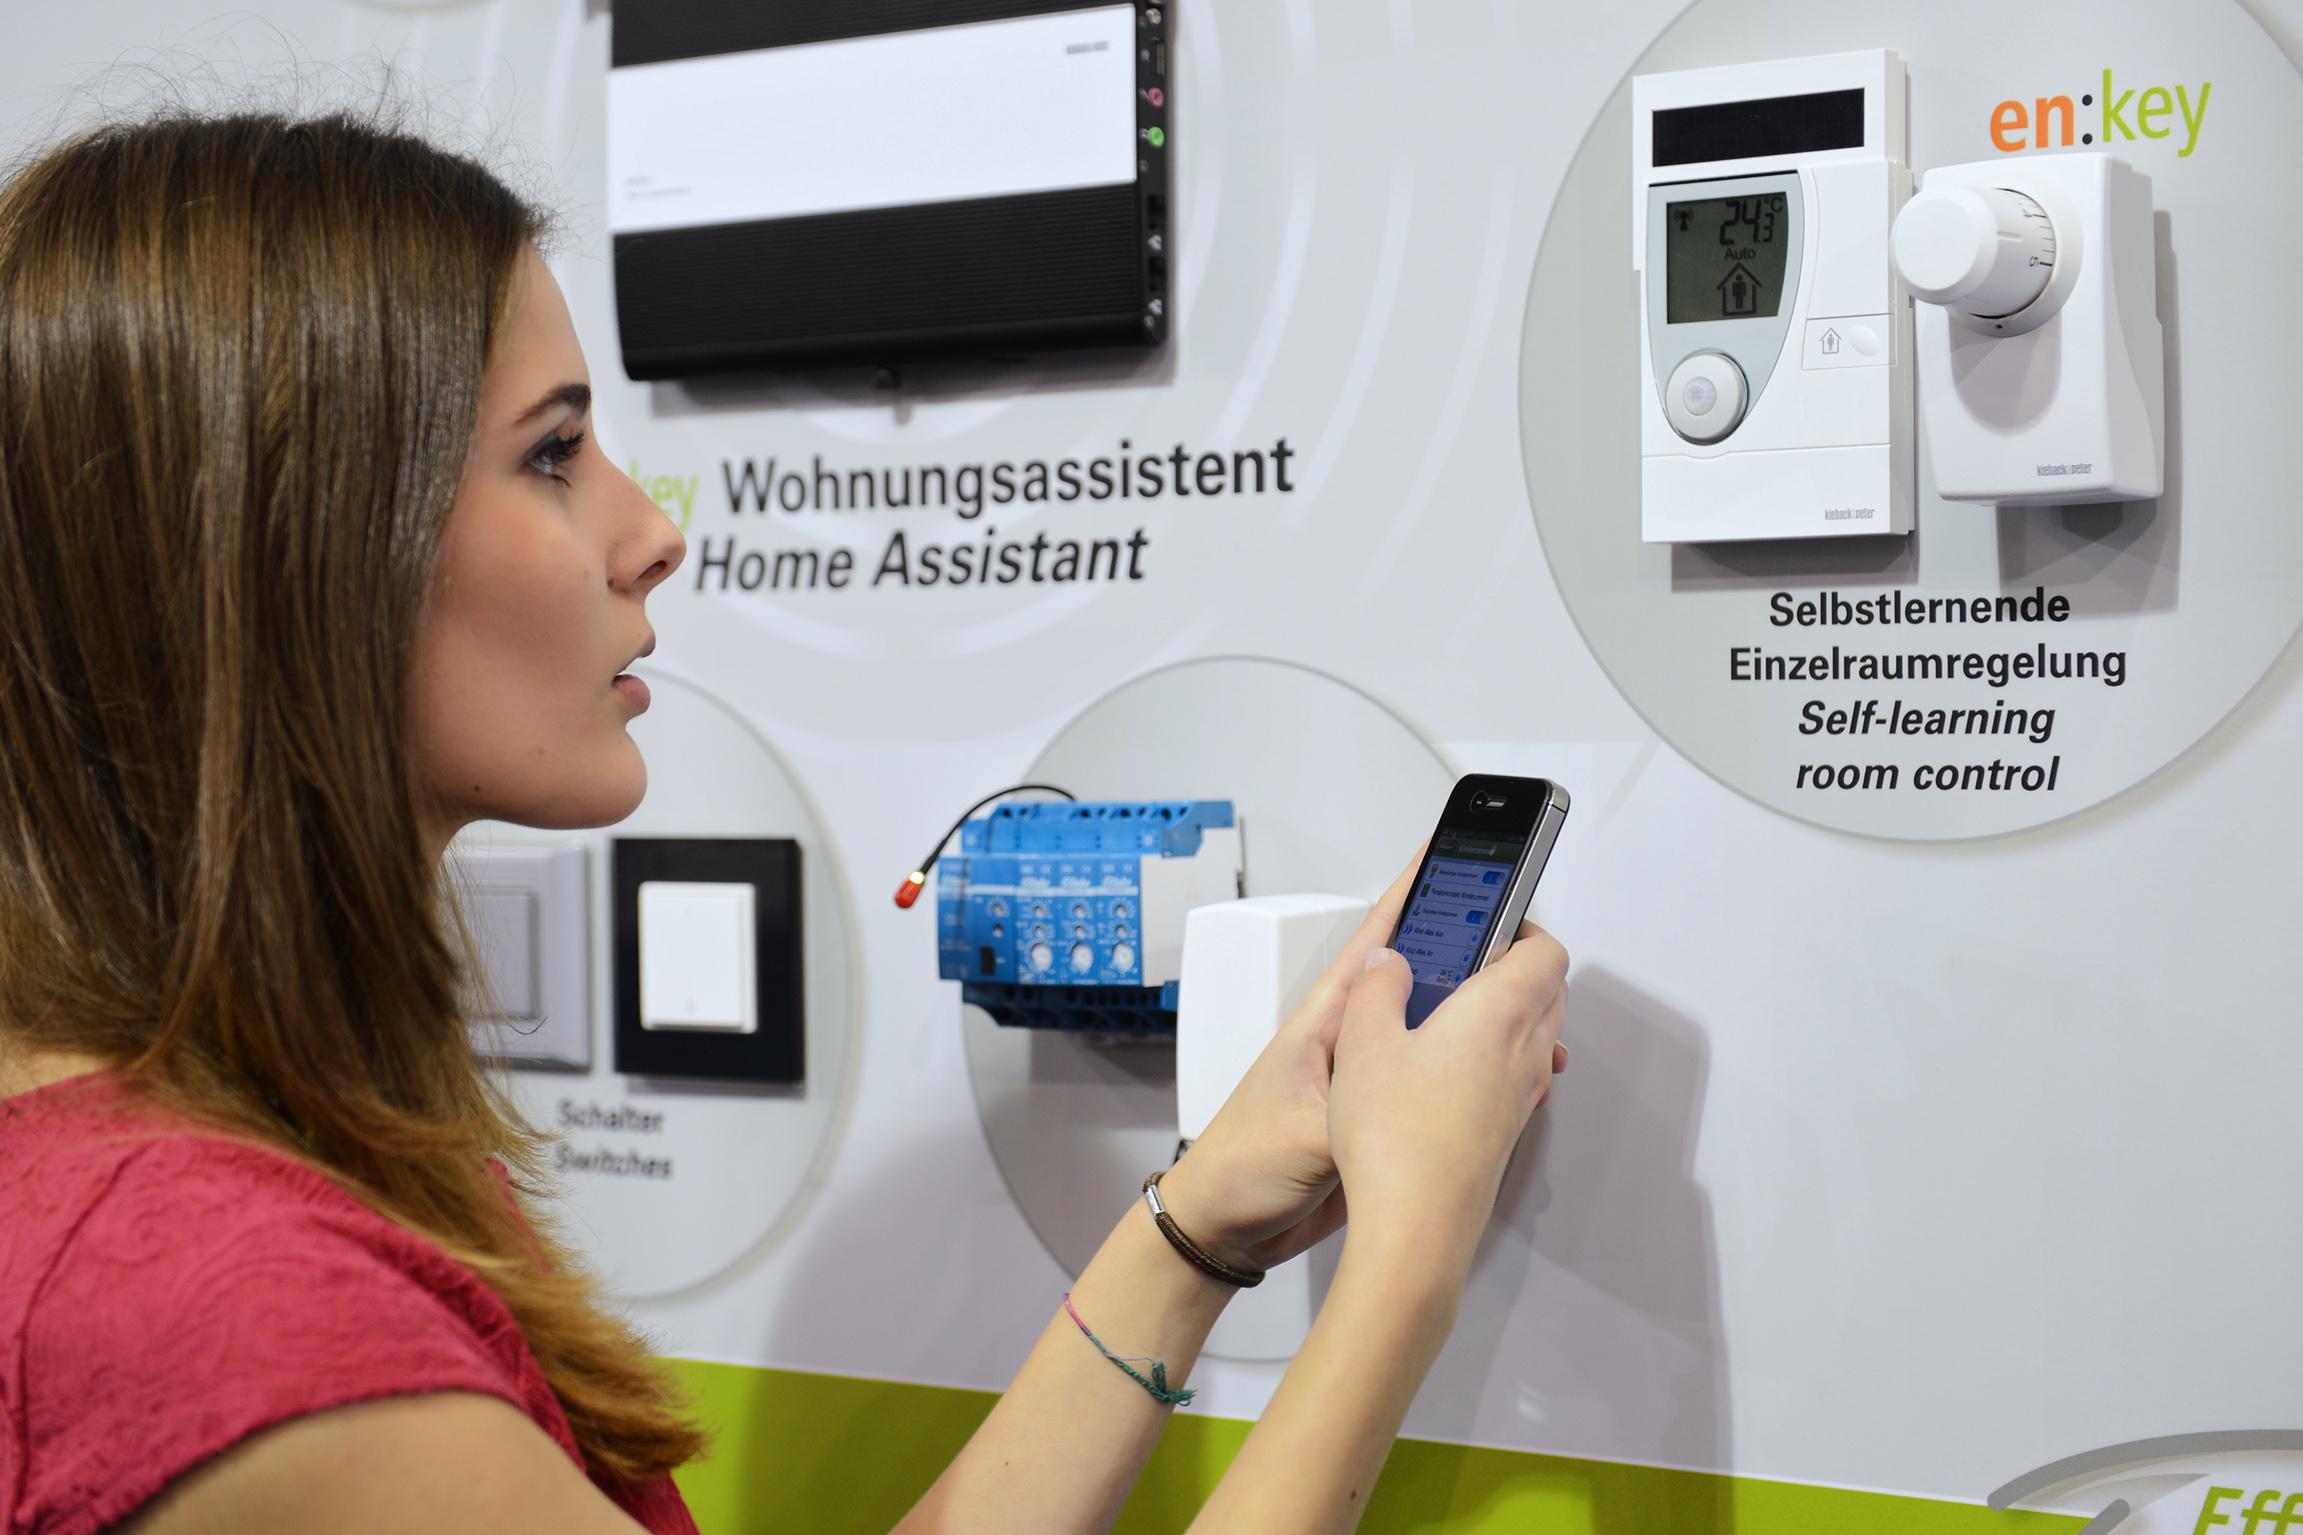 Hausautomation auf der ISH 2013